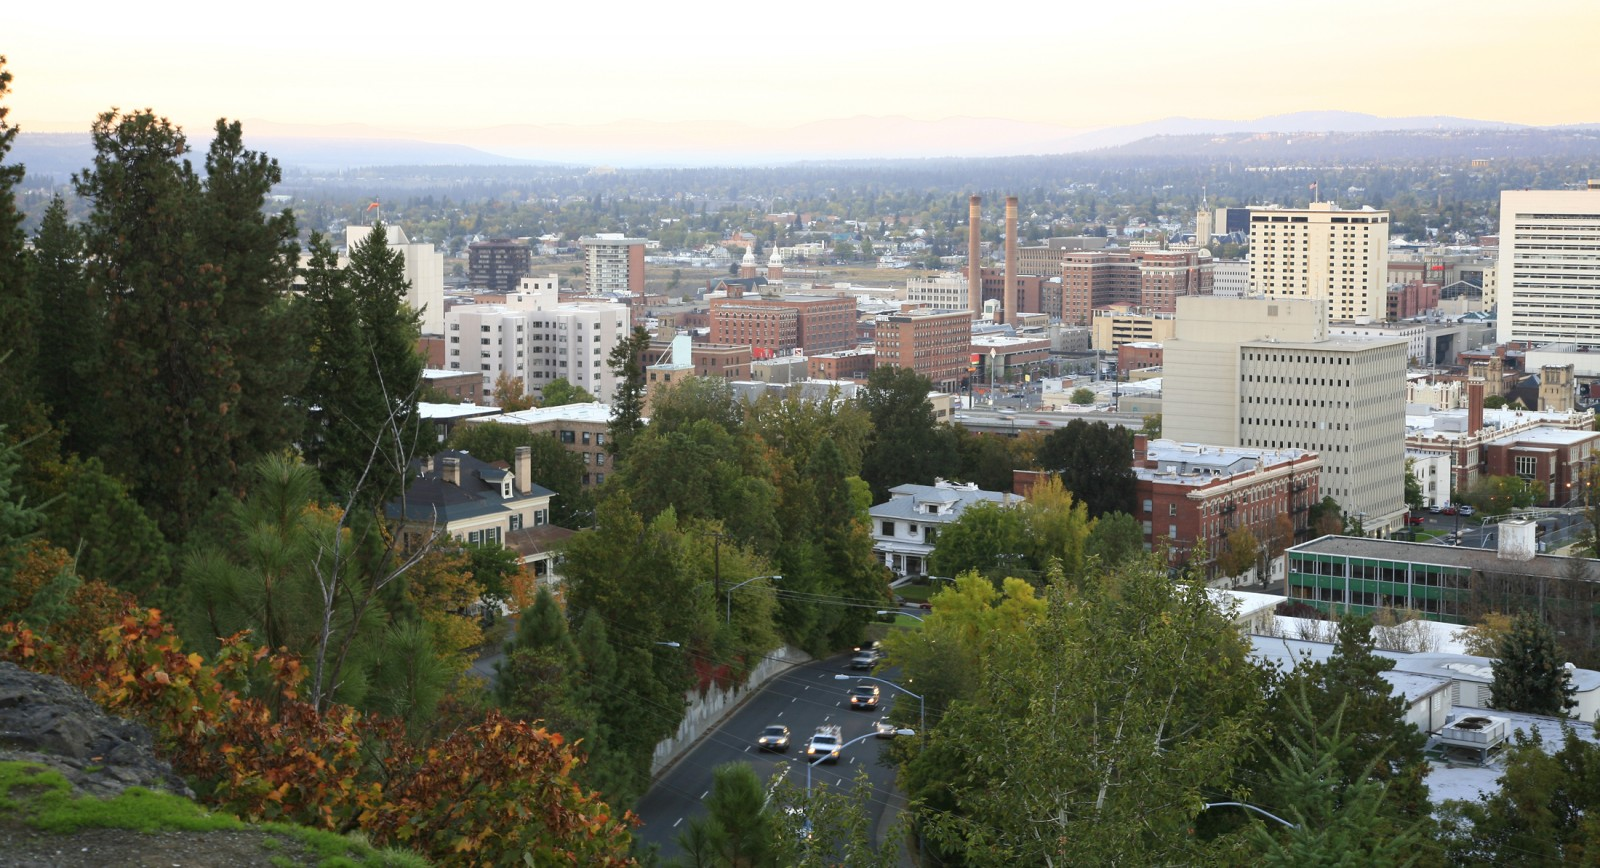 Downtown Spokane, Wash.